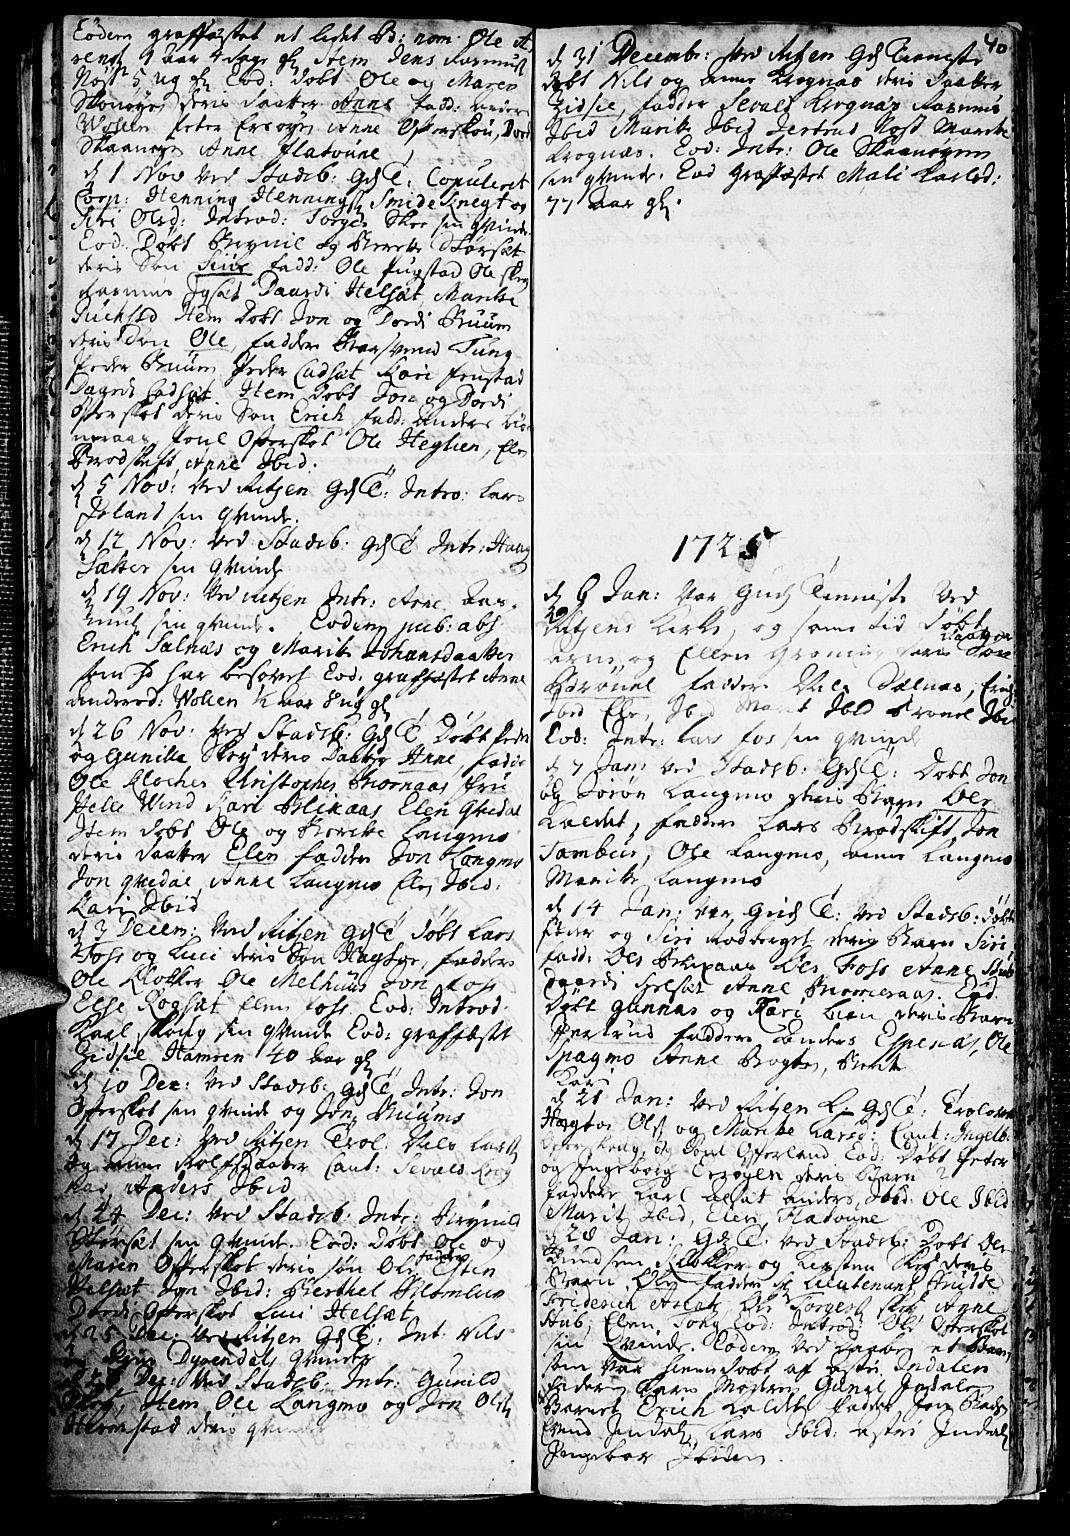 SAT, Ministerialprotokoller, klokkerbøker og fødselsregistre - Sør-Trøndelag, 646/L0603: Ministerialbok nr. 646A01, 1700-1734, s. 40